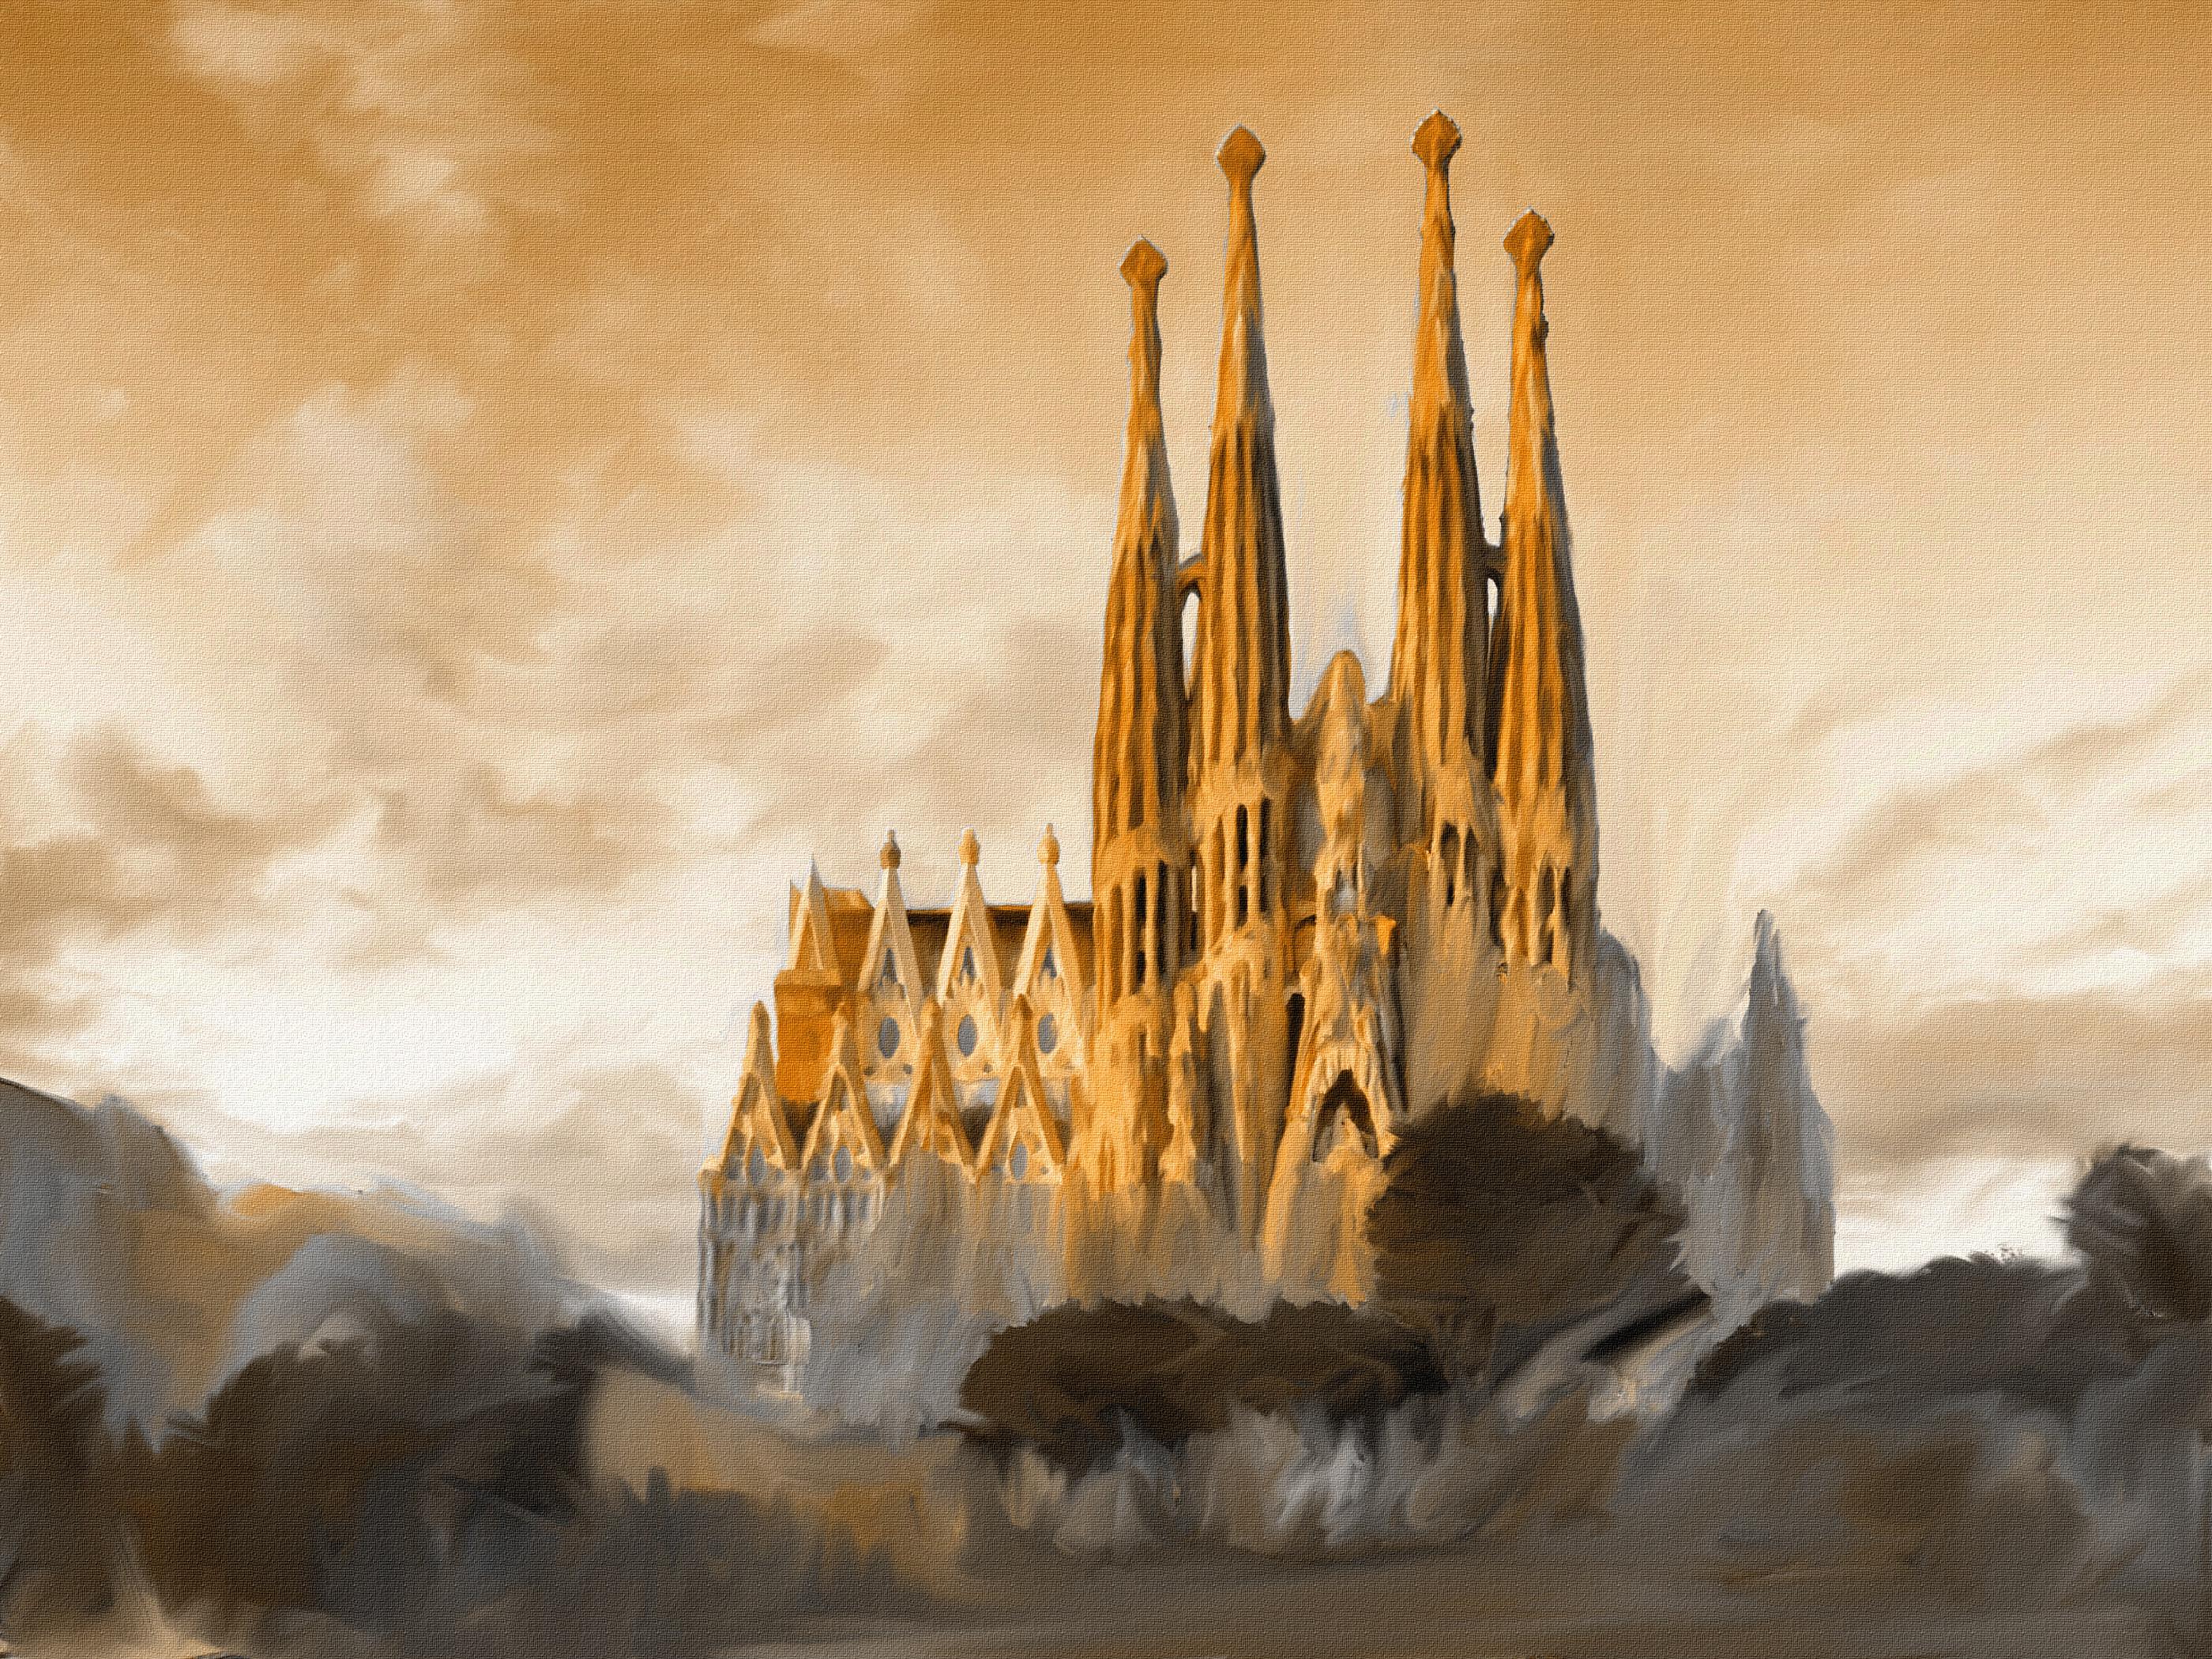 ArtStation   Sagrada Familia, Alexandru Ghilan